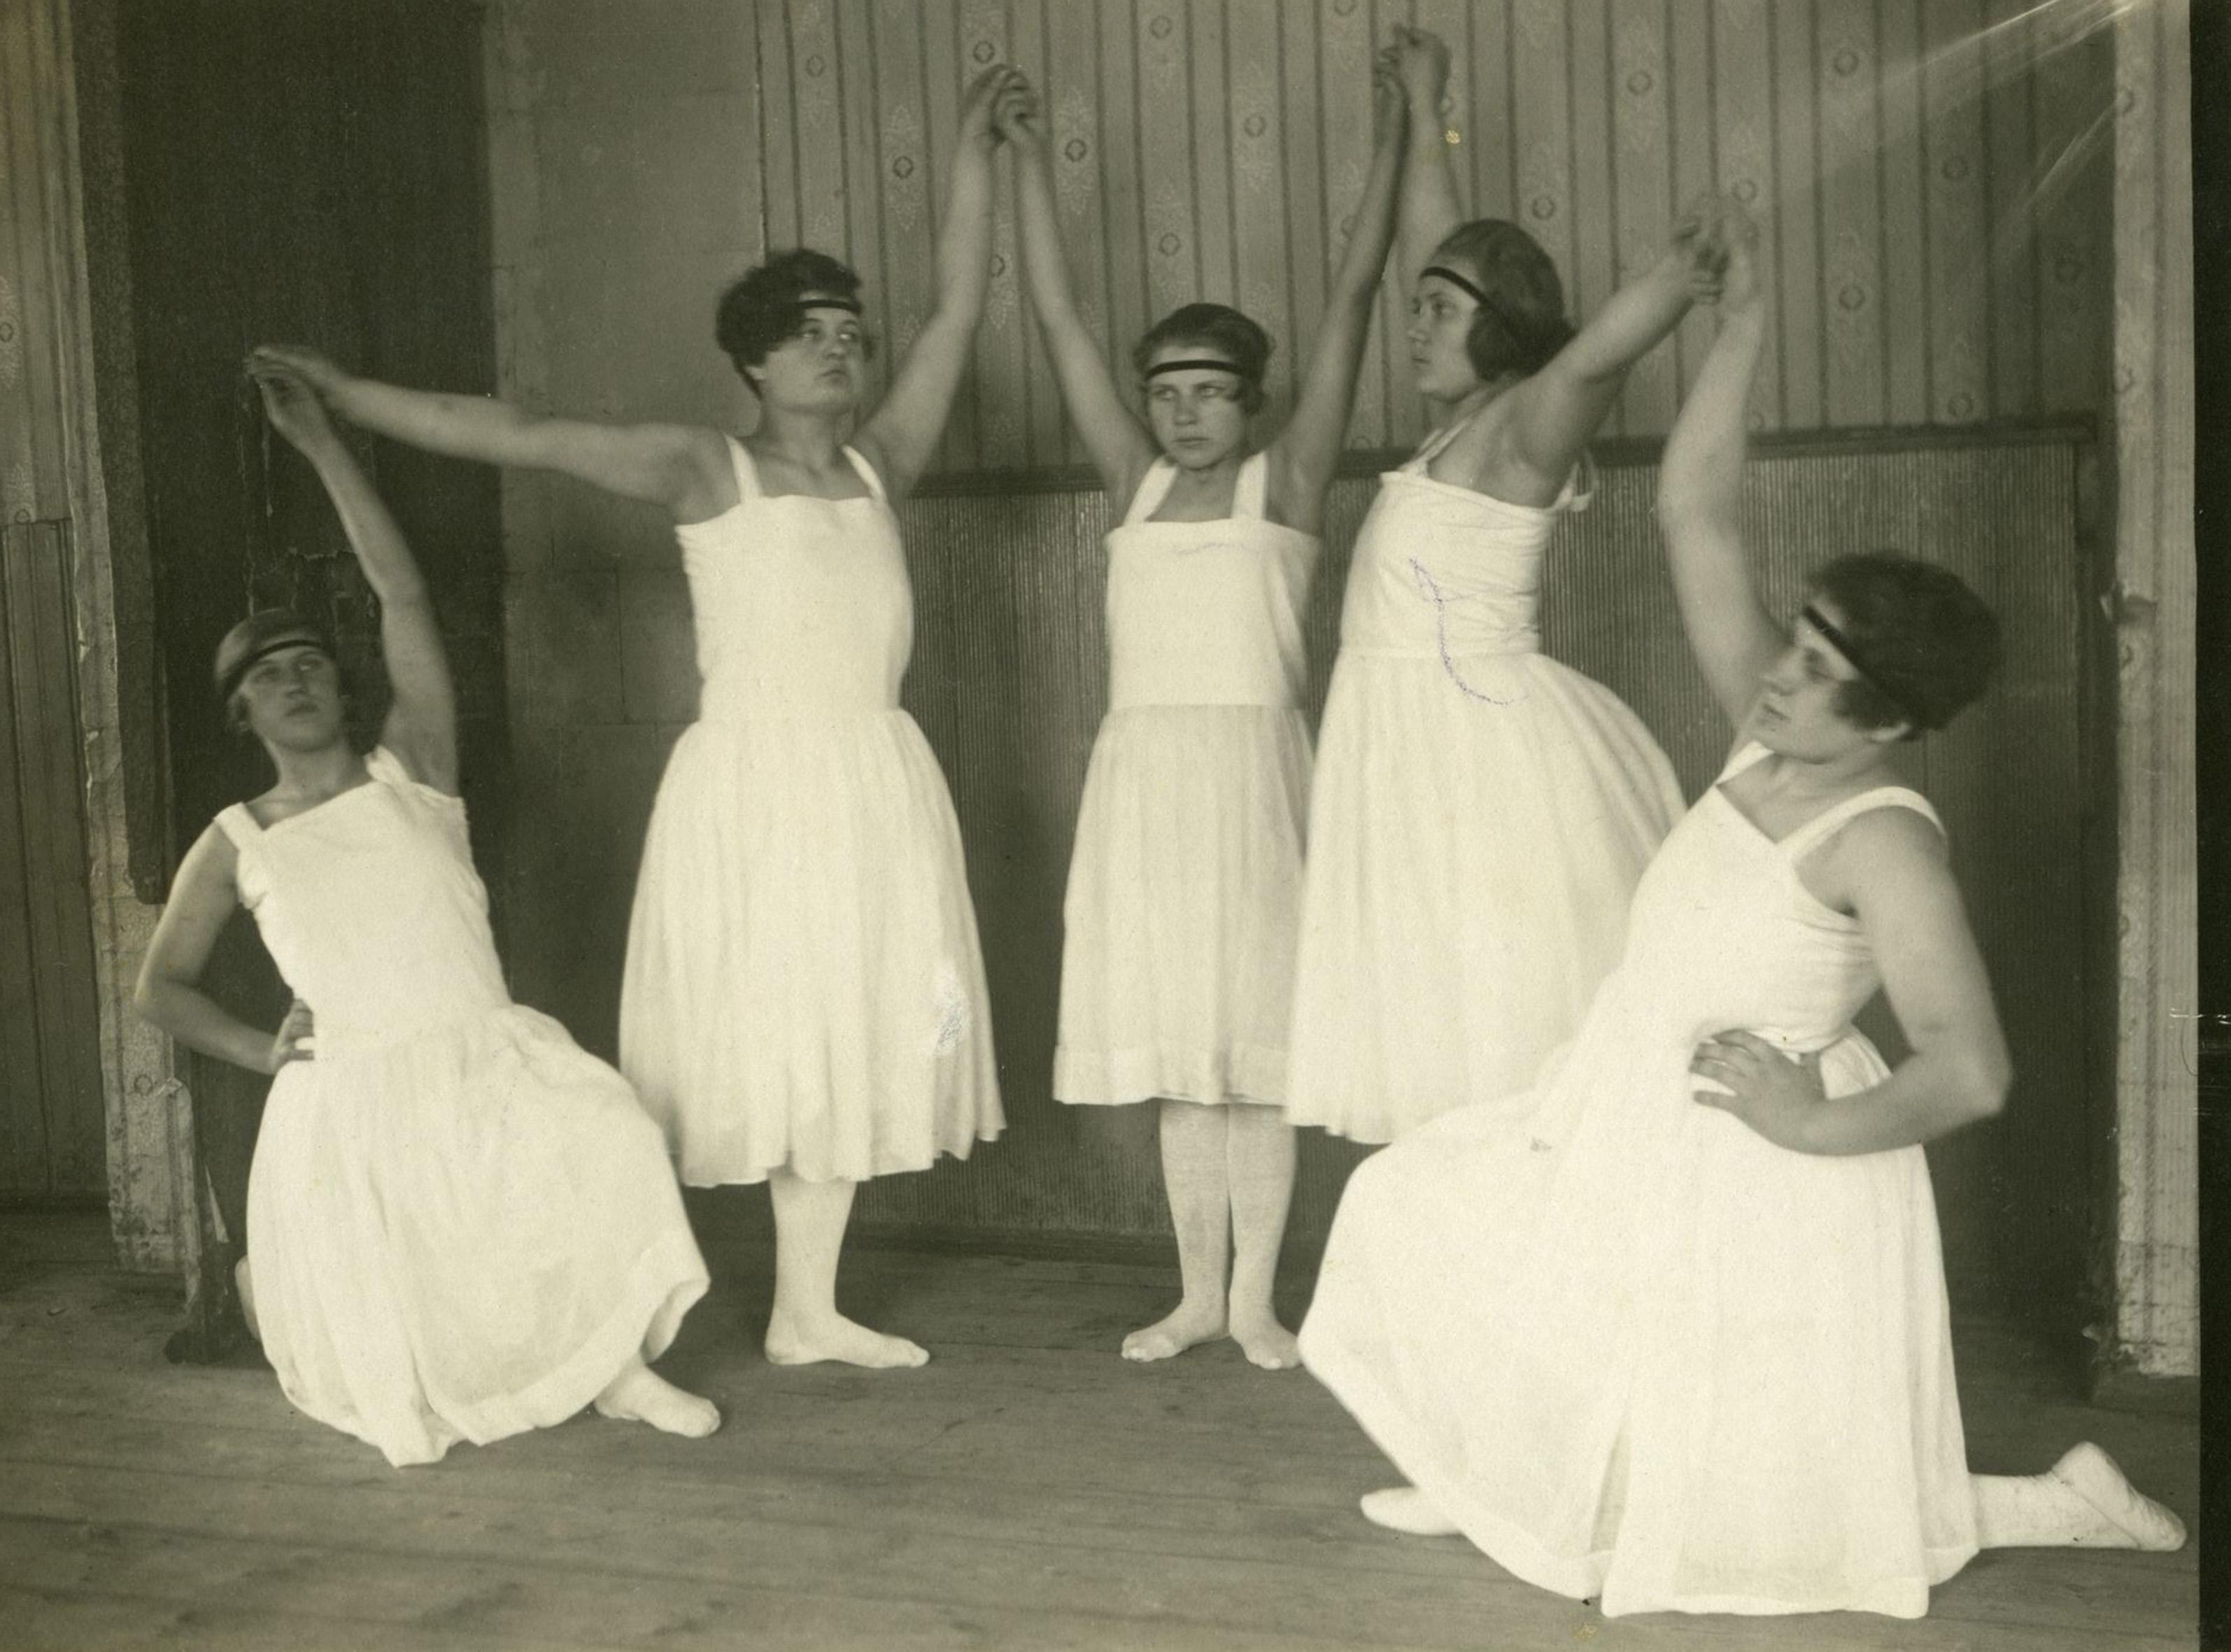 Moderntants 1920ndatel aastatel rahvamajas (inspireeritud Ella Ilbakist või Isadora Duncanist). Foto: Eesti Ajaloomuuseum, fotopank (F27369)